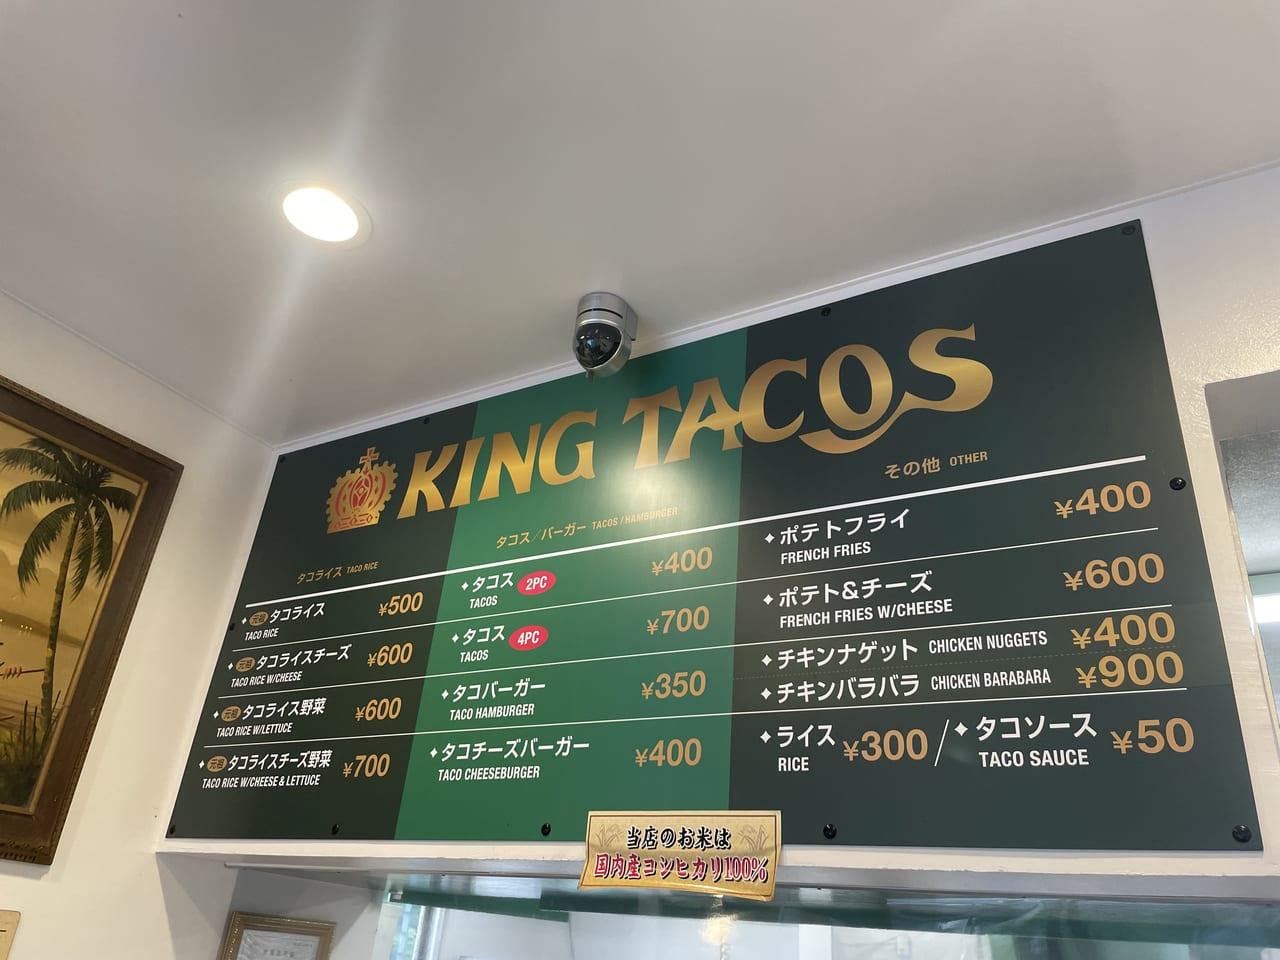 kingtacos